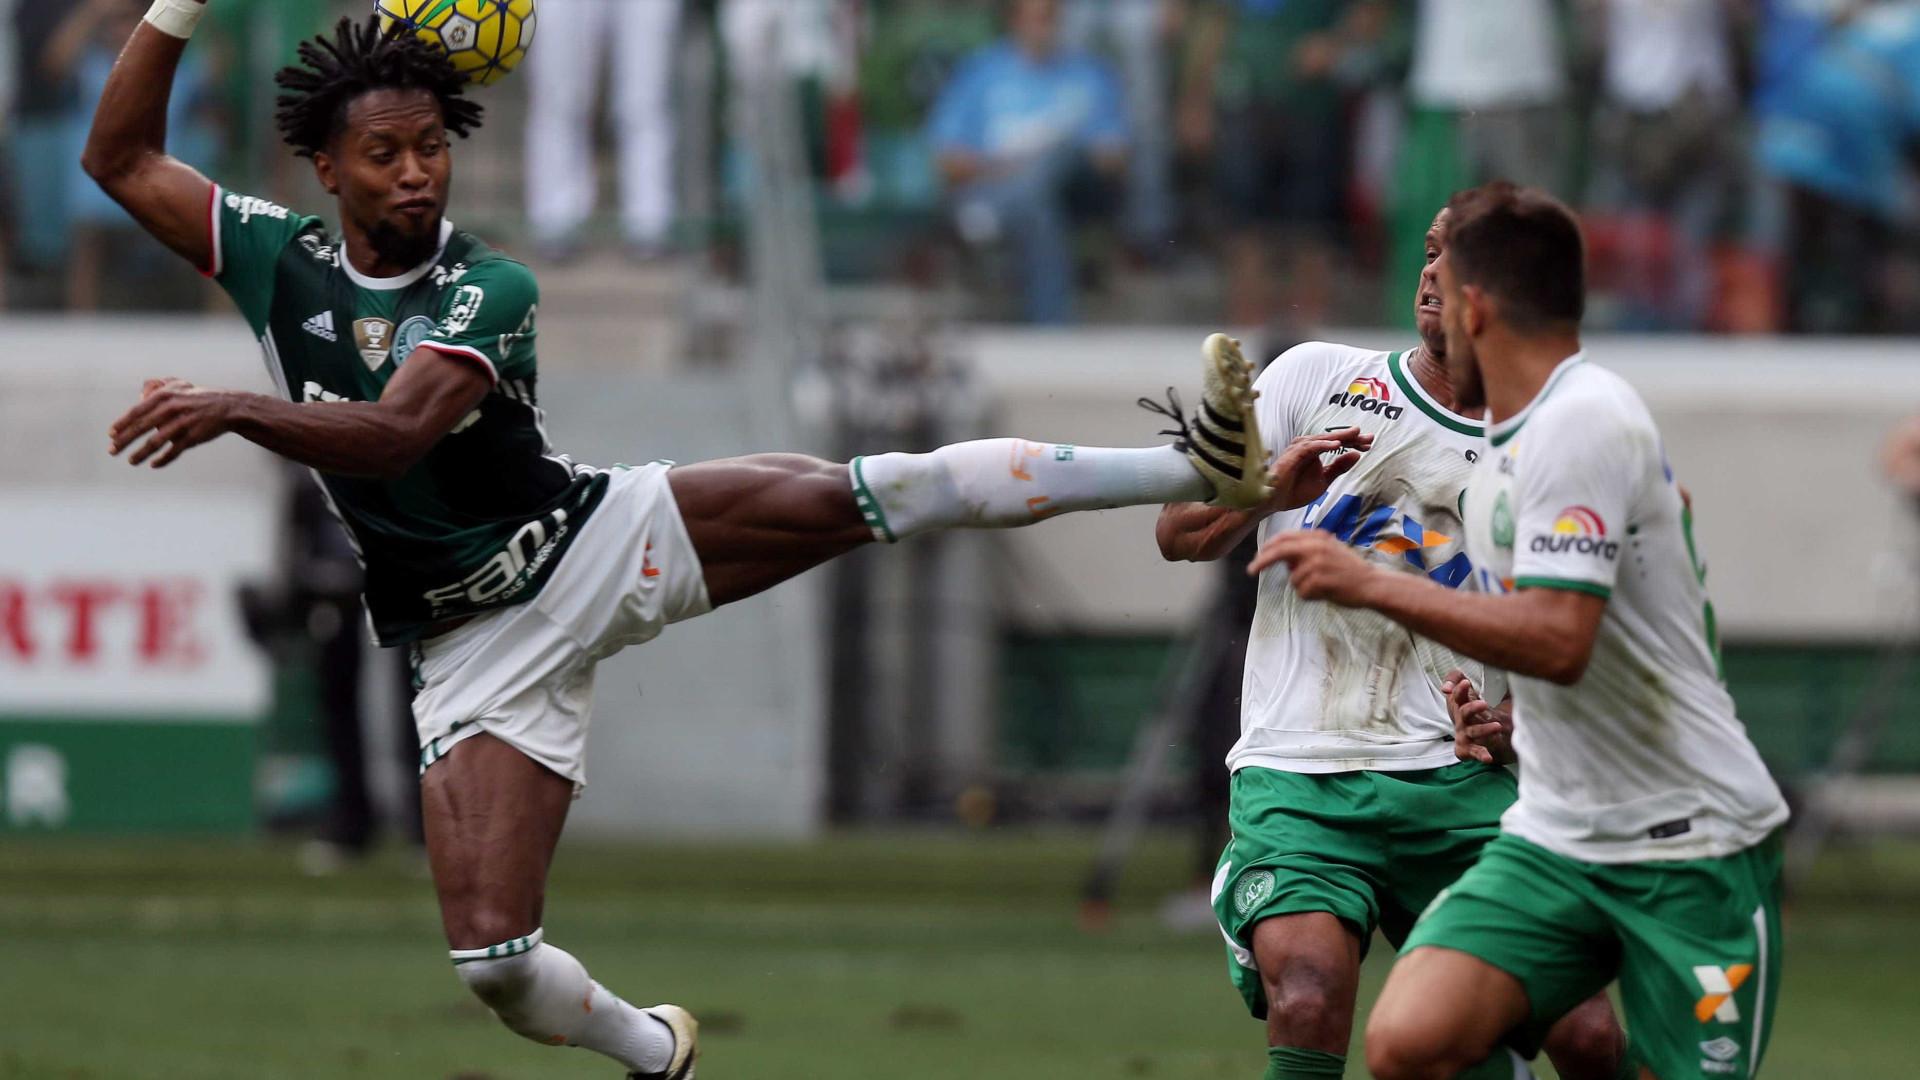 Campeão brasileiro homenageia Chapecoense com vídeo do último jogo